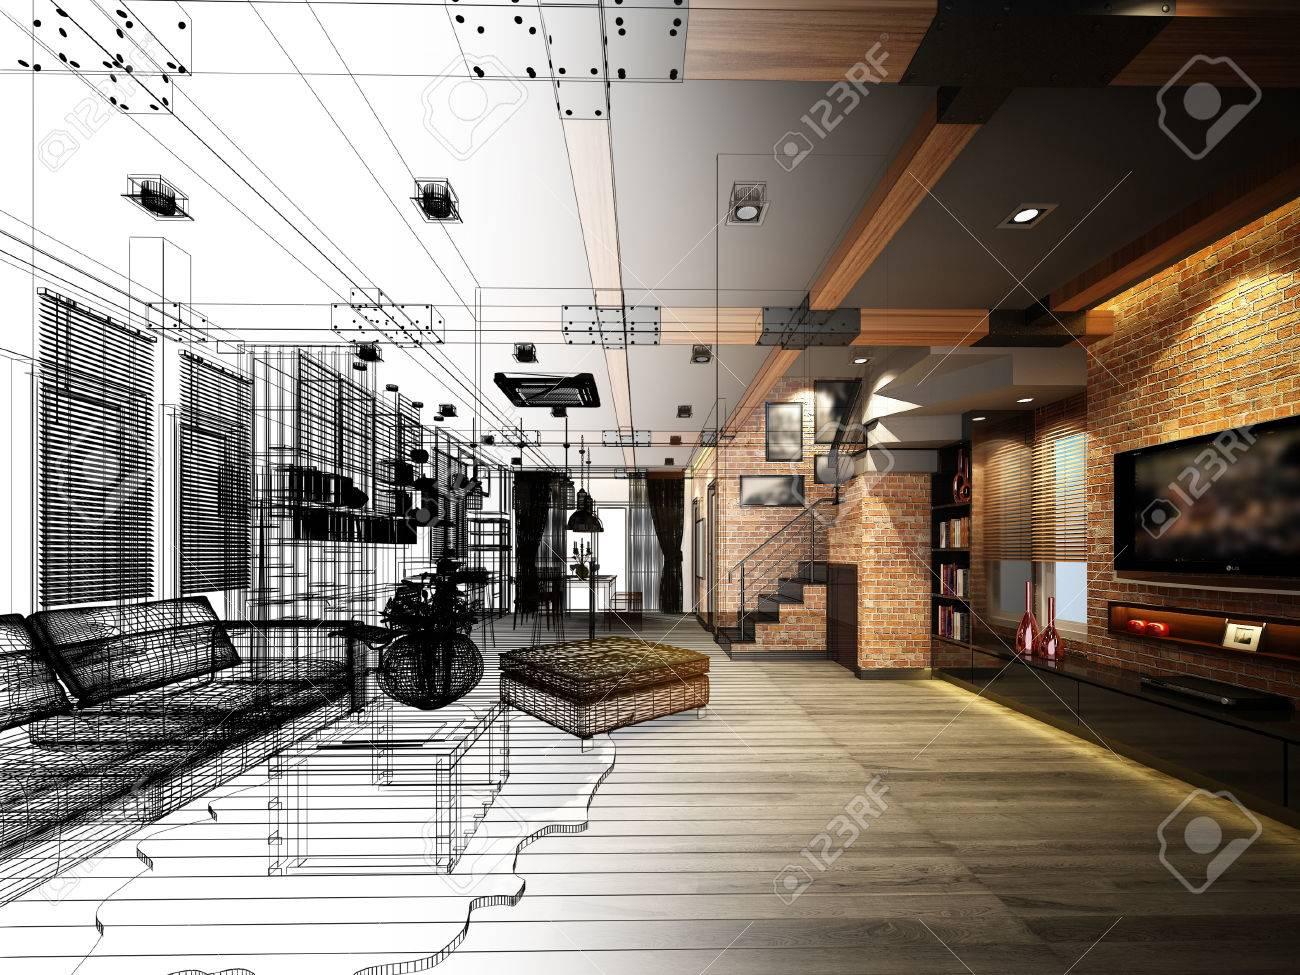 sketch design of living 3dwire frame render - 41329996